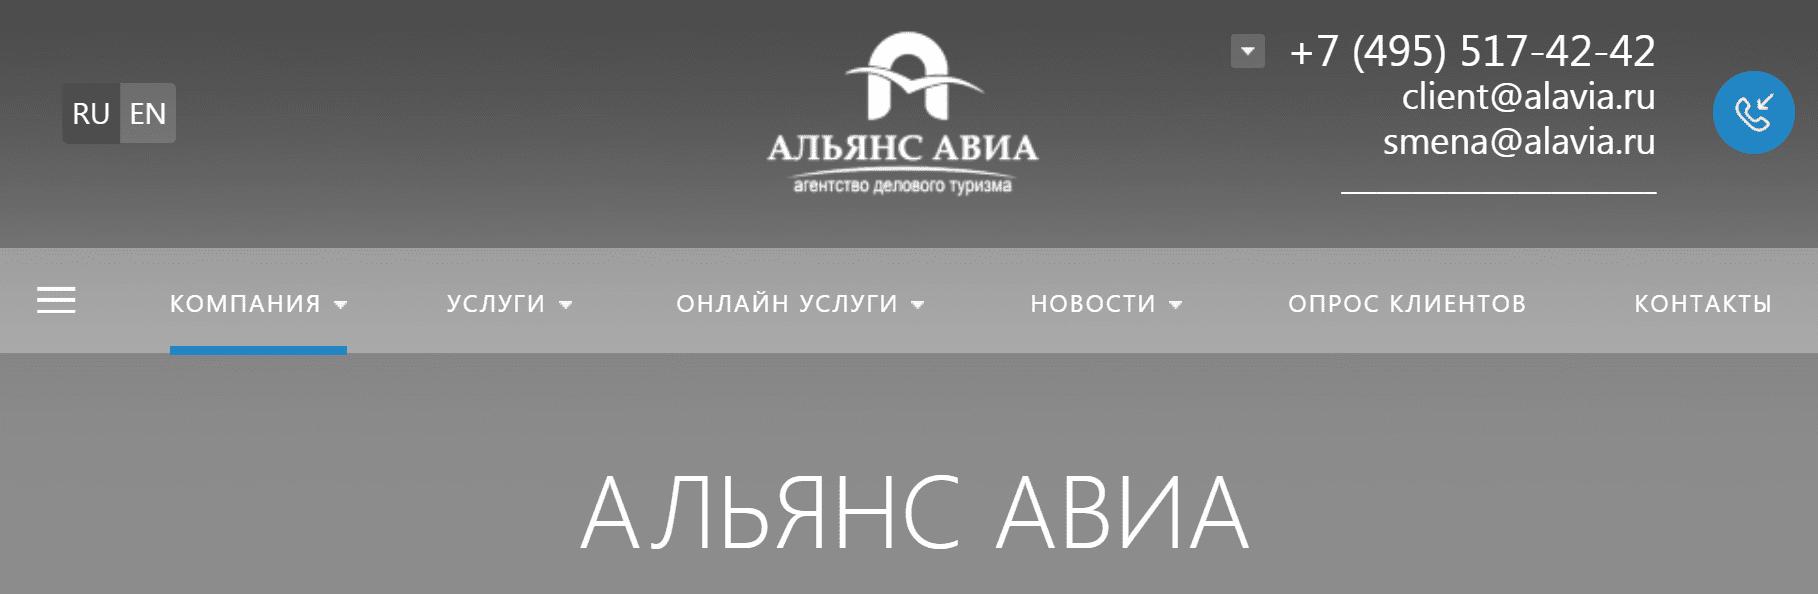 Ссылка на сайт компании «Альянс Авиа»